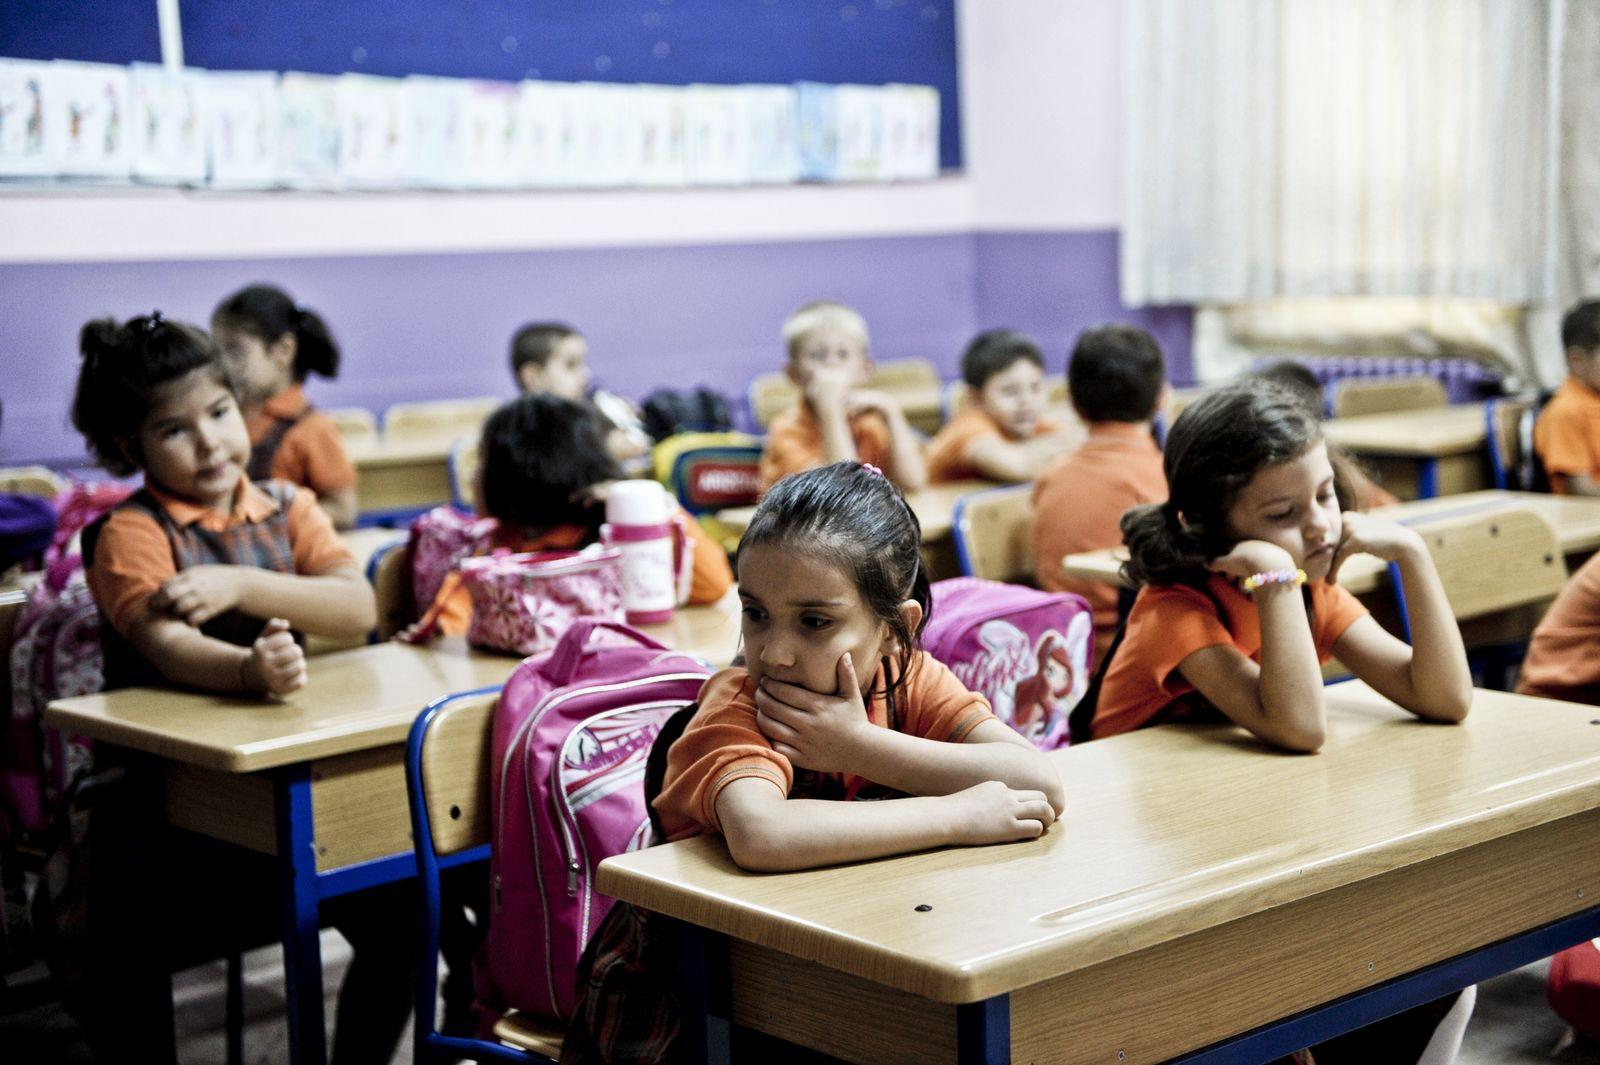 Türkei/Schule